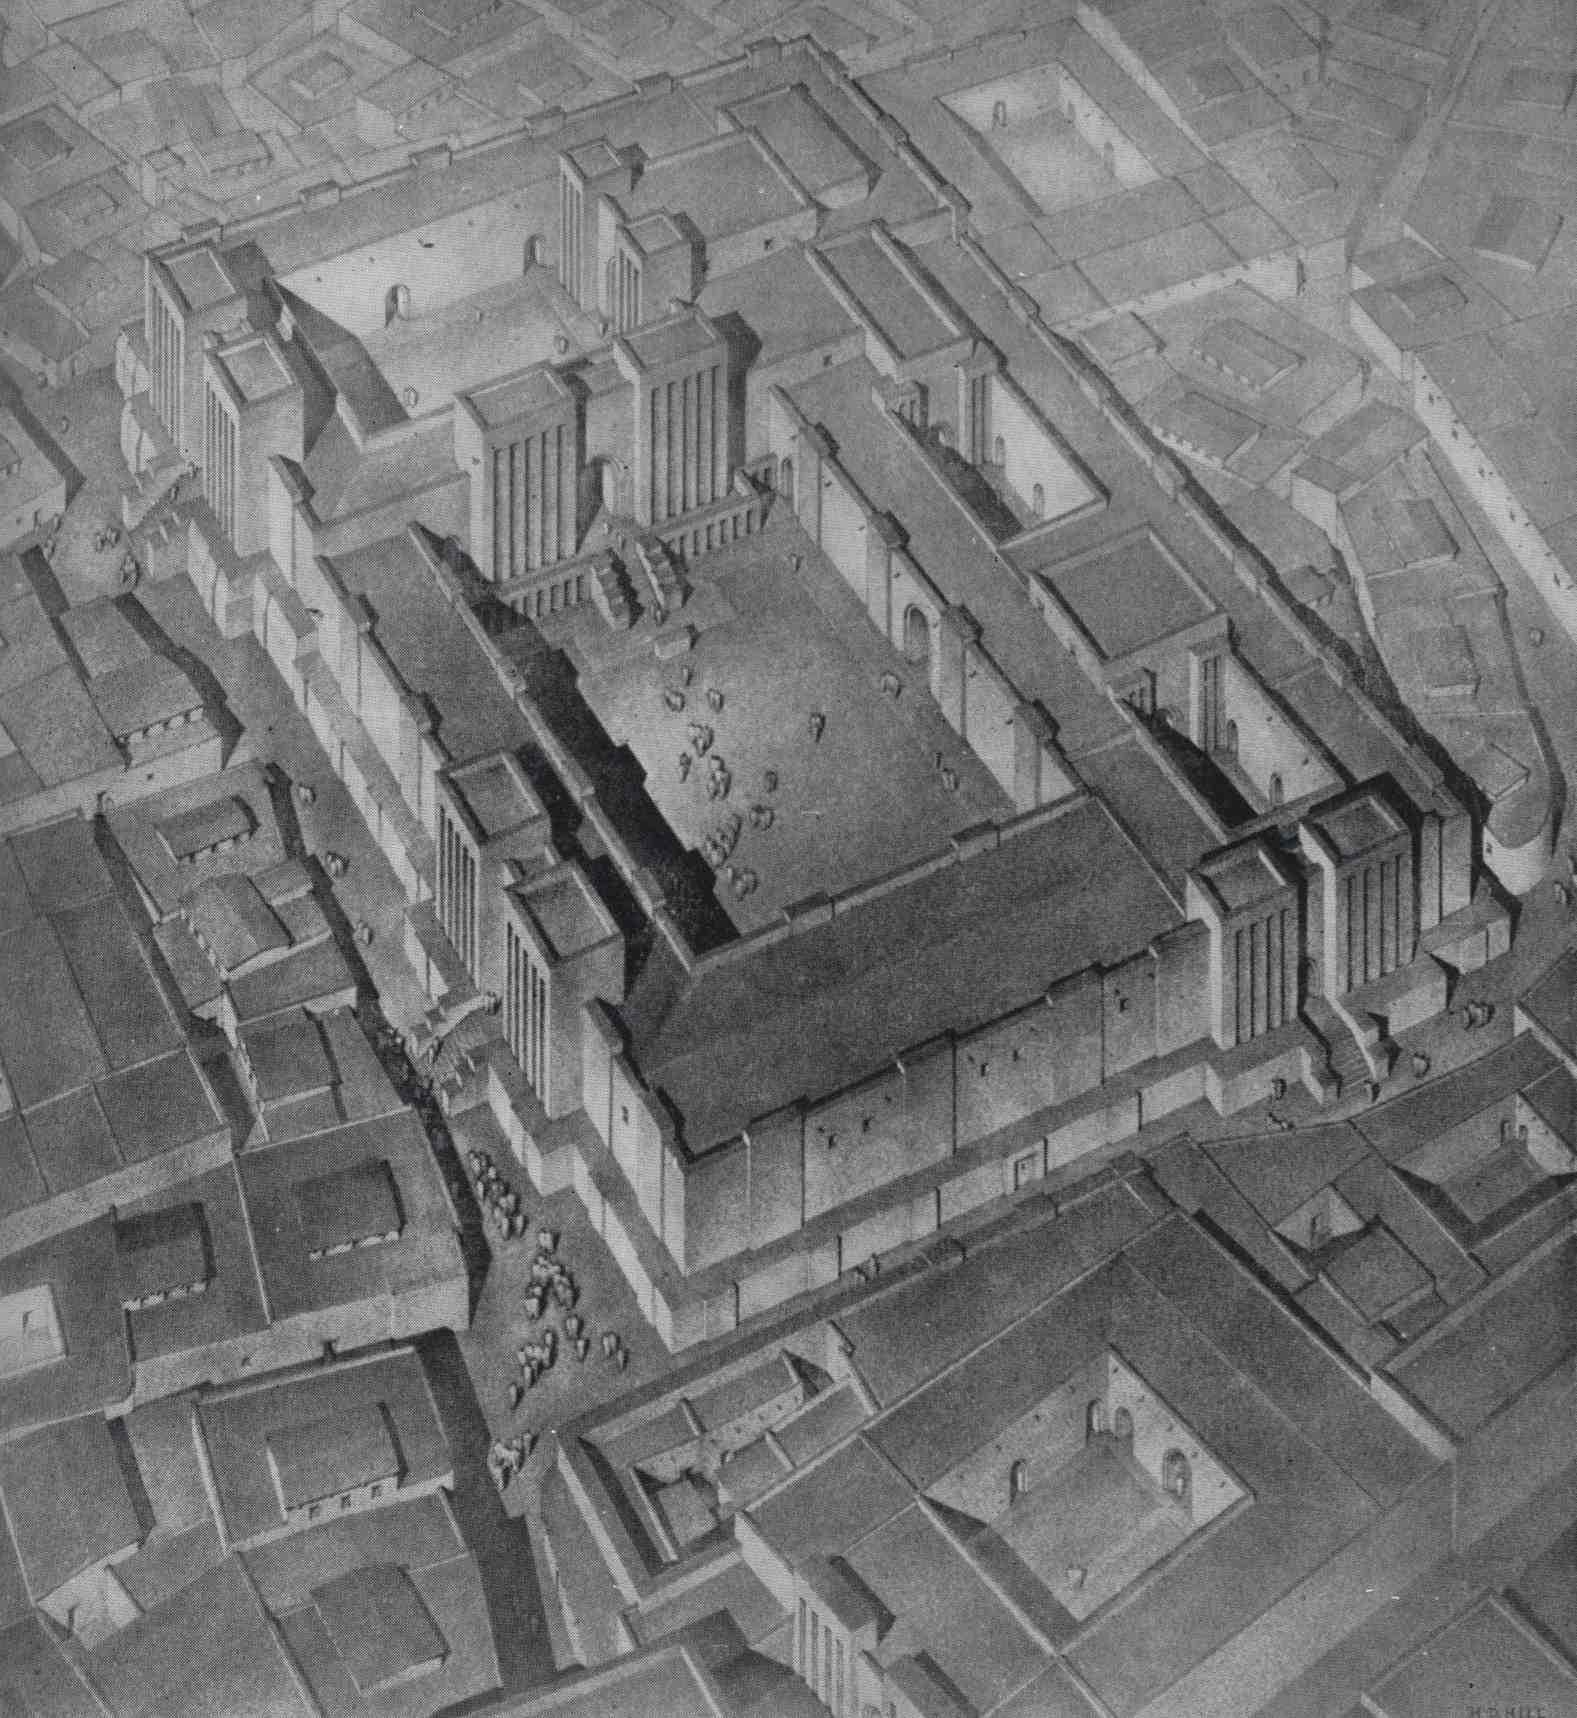 Uruk: Počiatočné mesto ľudskej civilizácie, ktoré svojimi pokrokovými poznatkami zmenilo svet 2